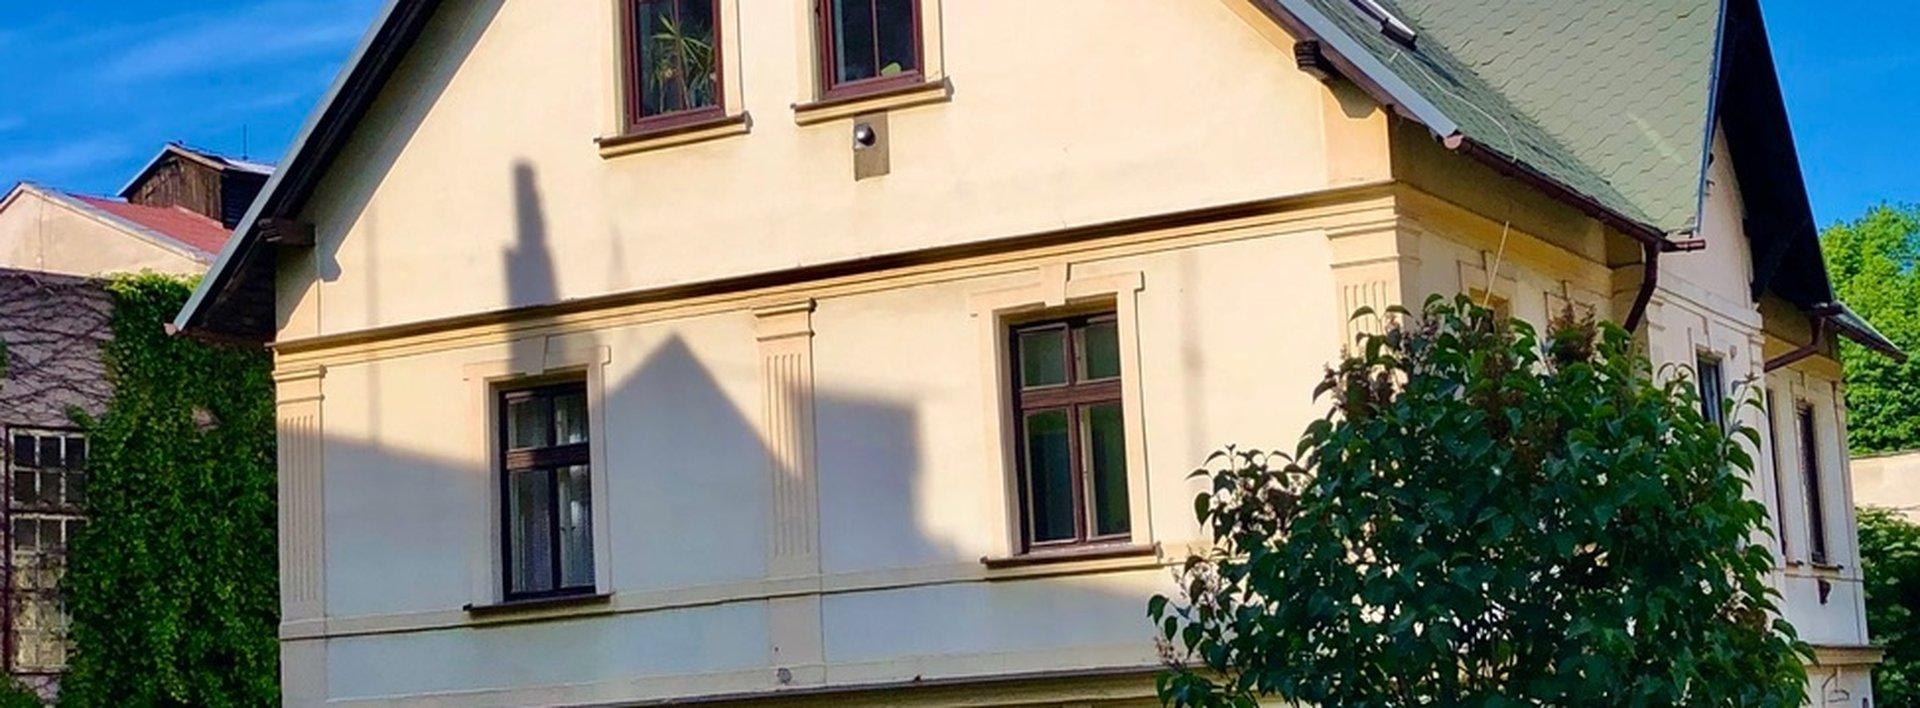 Prodej bytu 2+1, 61 m²  v domě se zahradou - Liberec, Jeřáb, Ev.č.: N49044